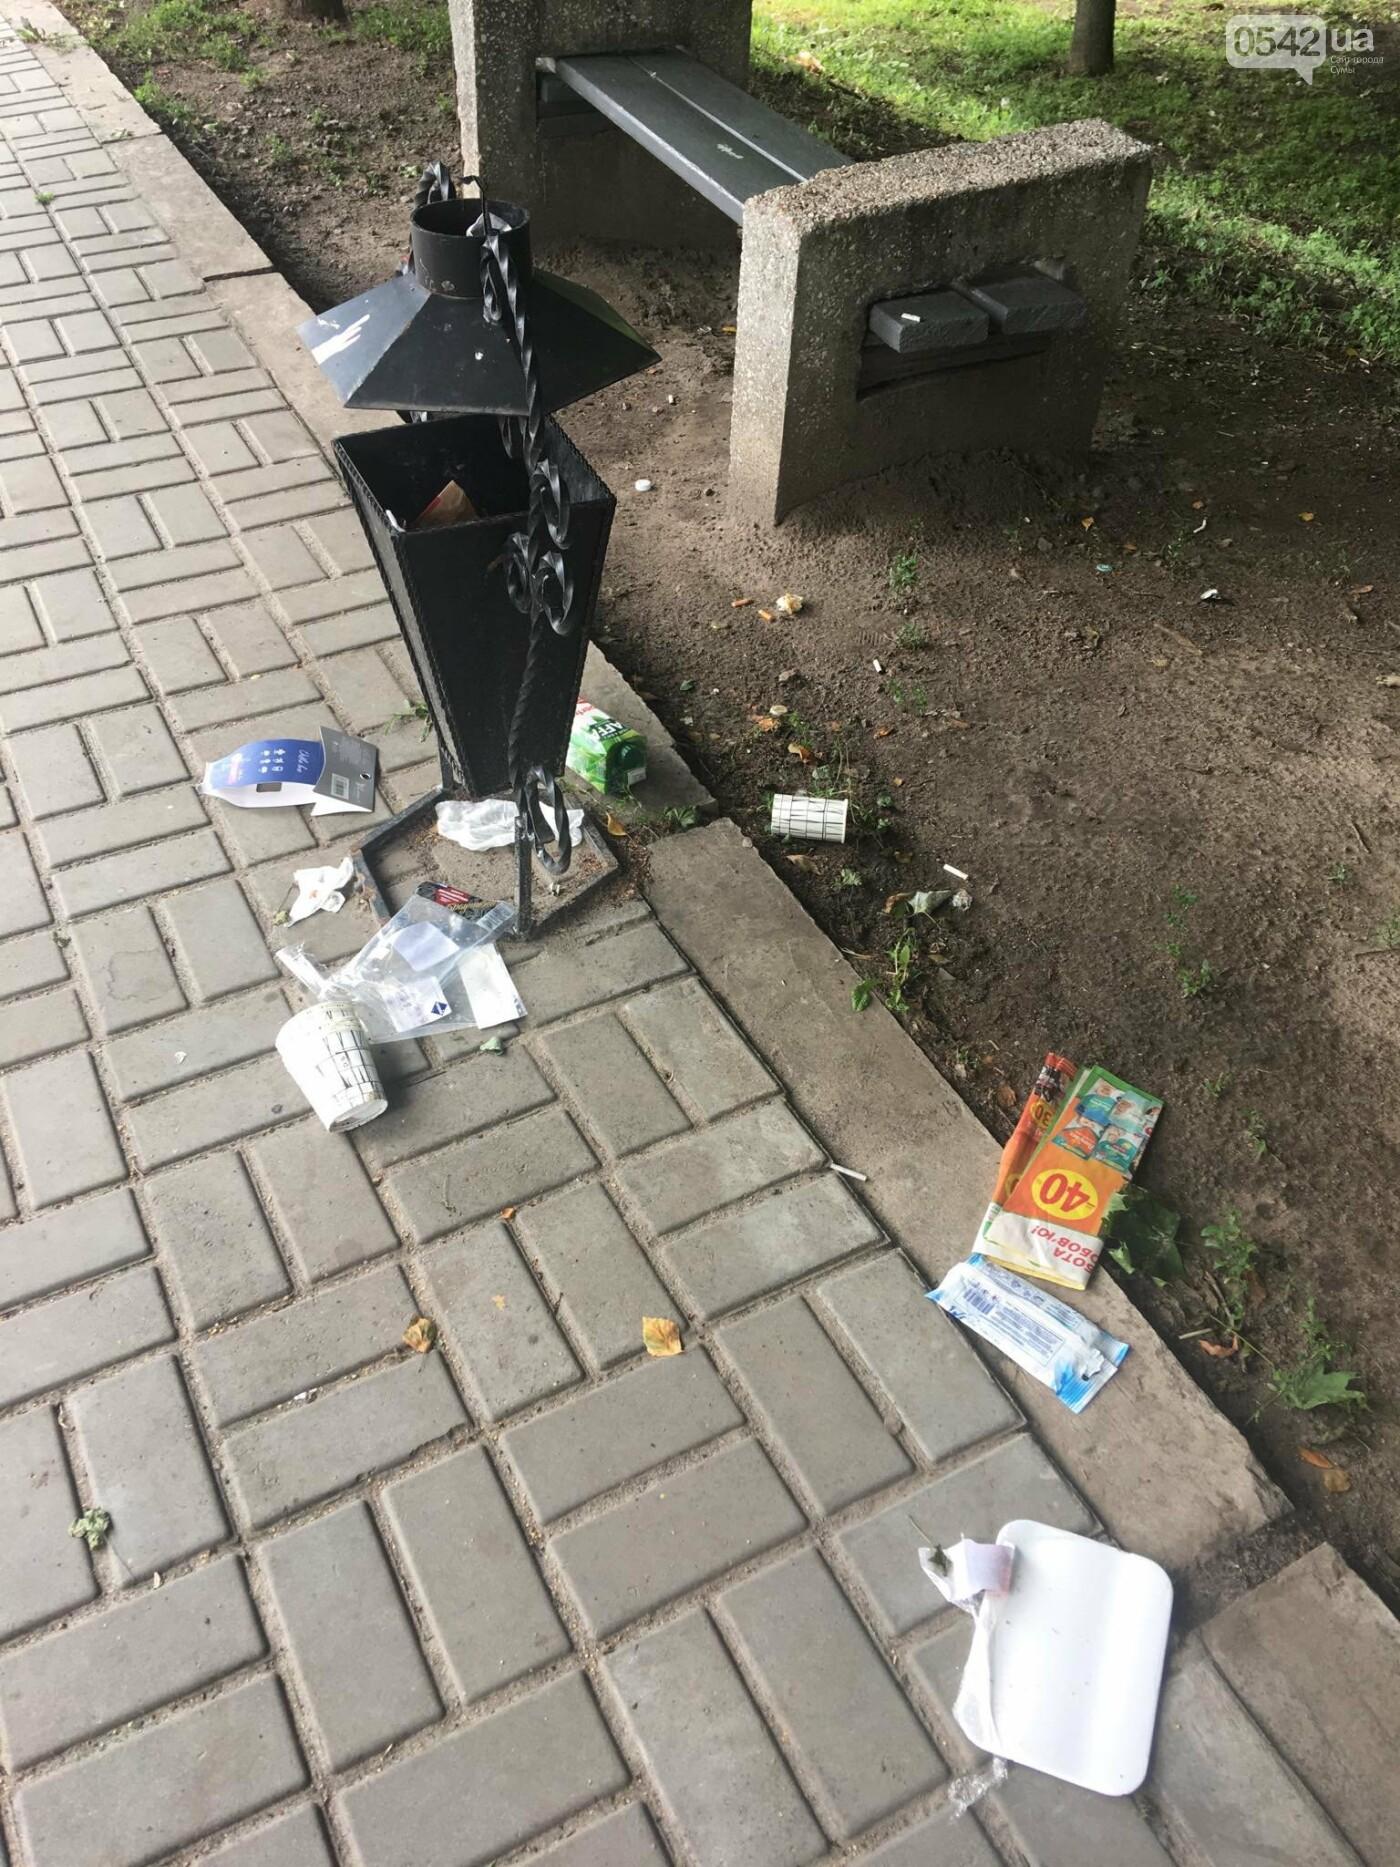 У Сумах сміття лежить біля порожніх урн: культура жителів міста або сумлінність комунальників?, фото-1